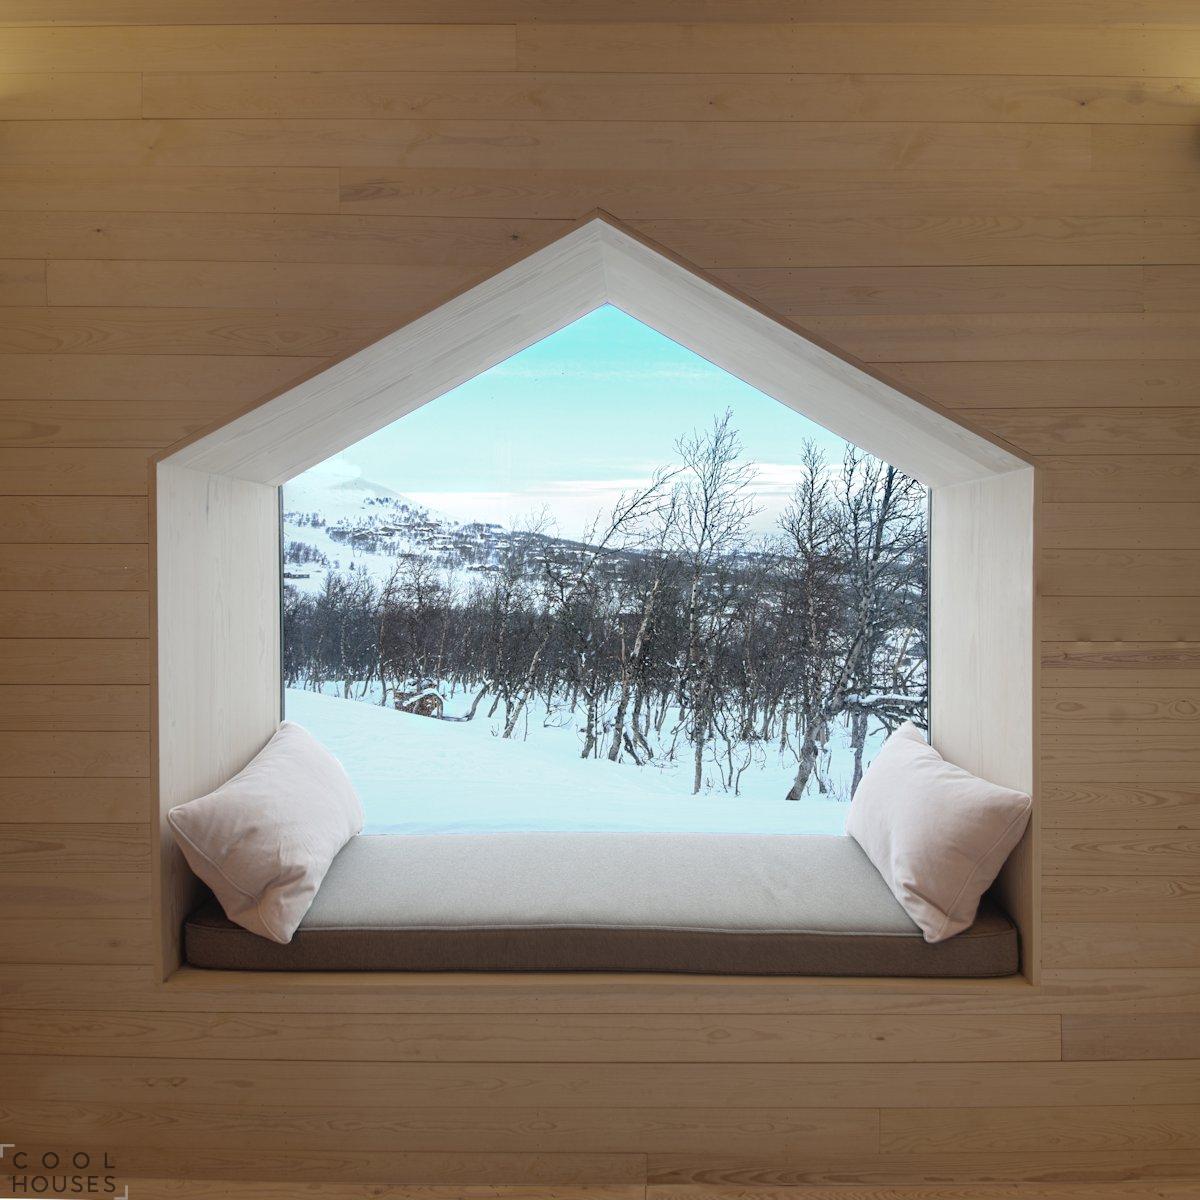 Оригинальный дом для вечеринок в Норвегии